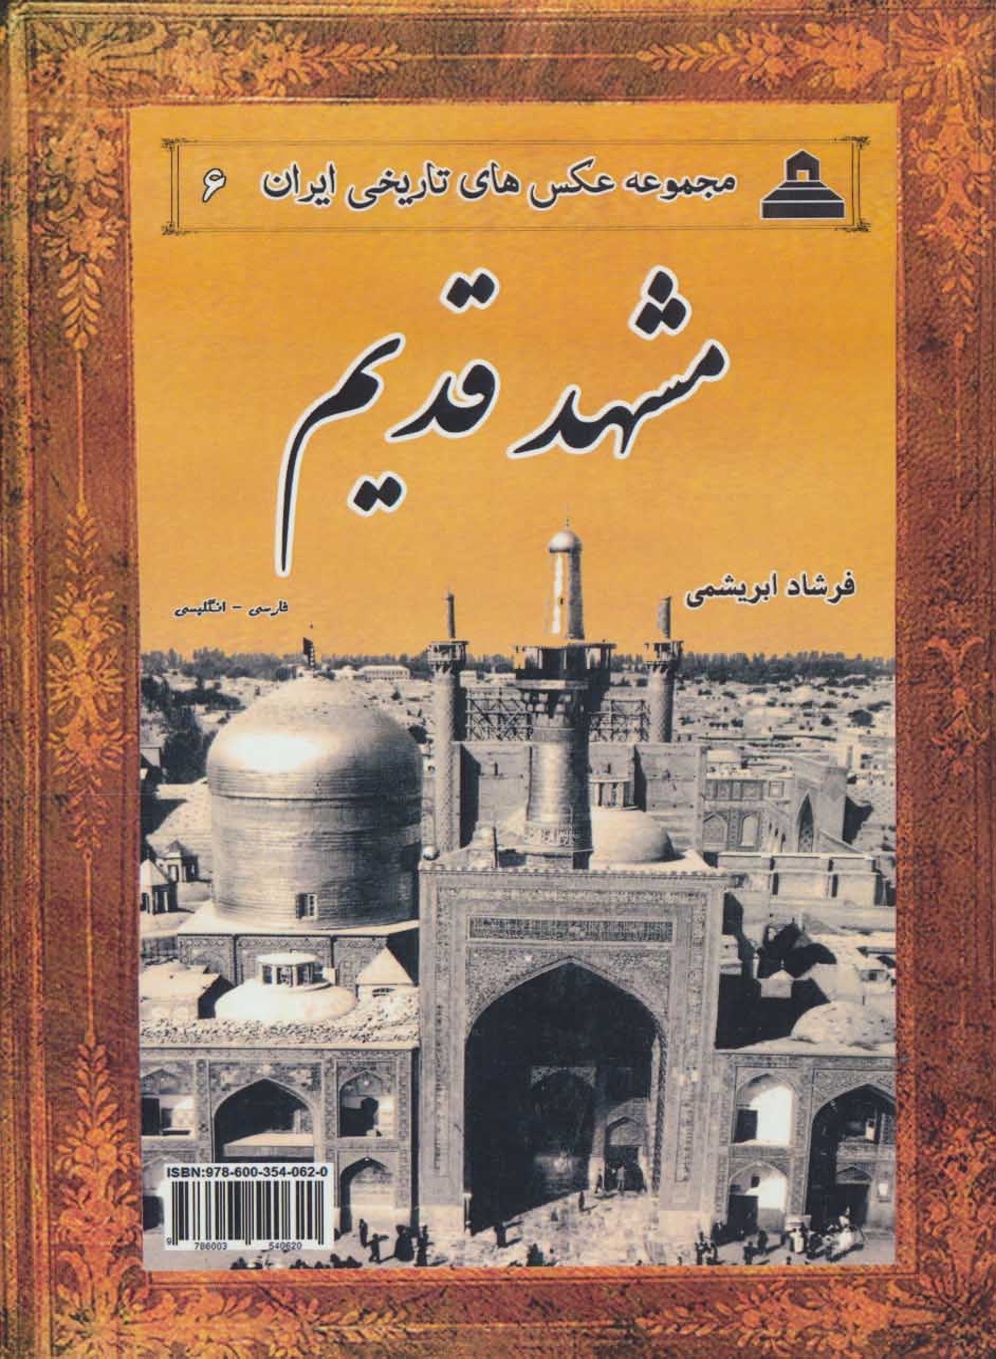 عکس های تاریخی ایران 6 (مشهد قدیم)،(2زبانه)